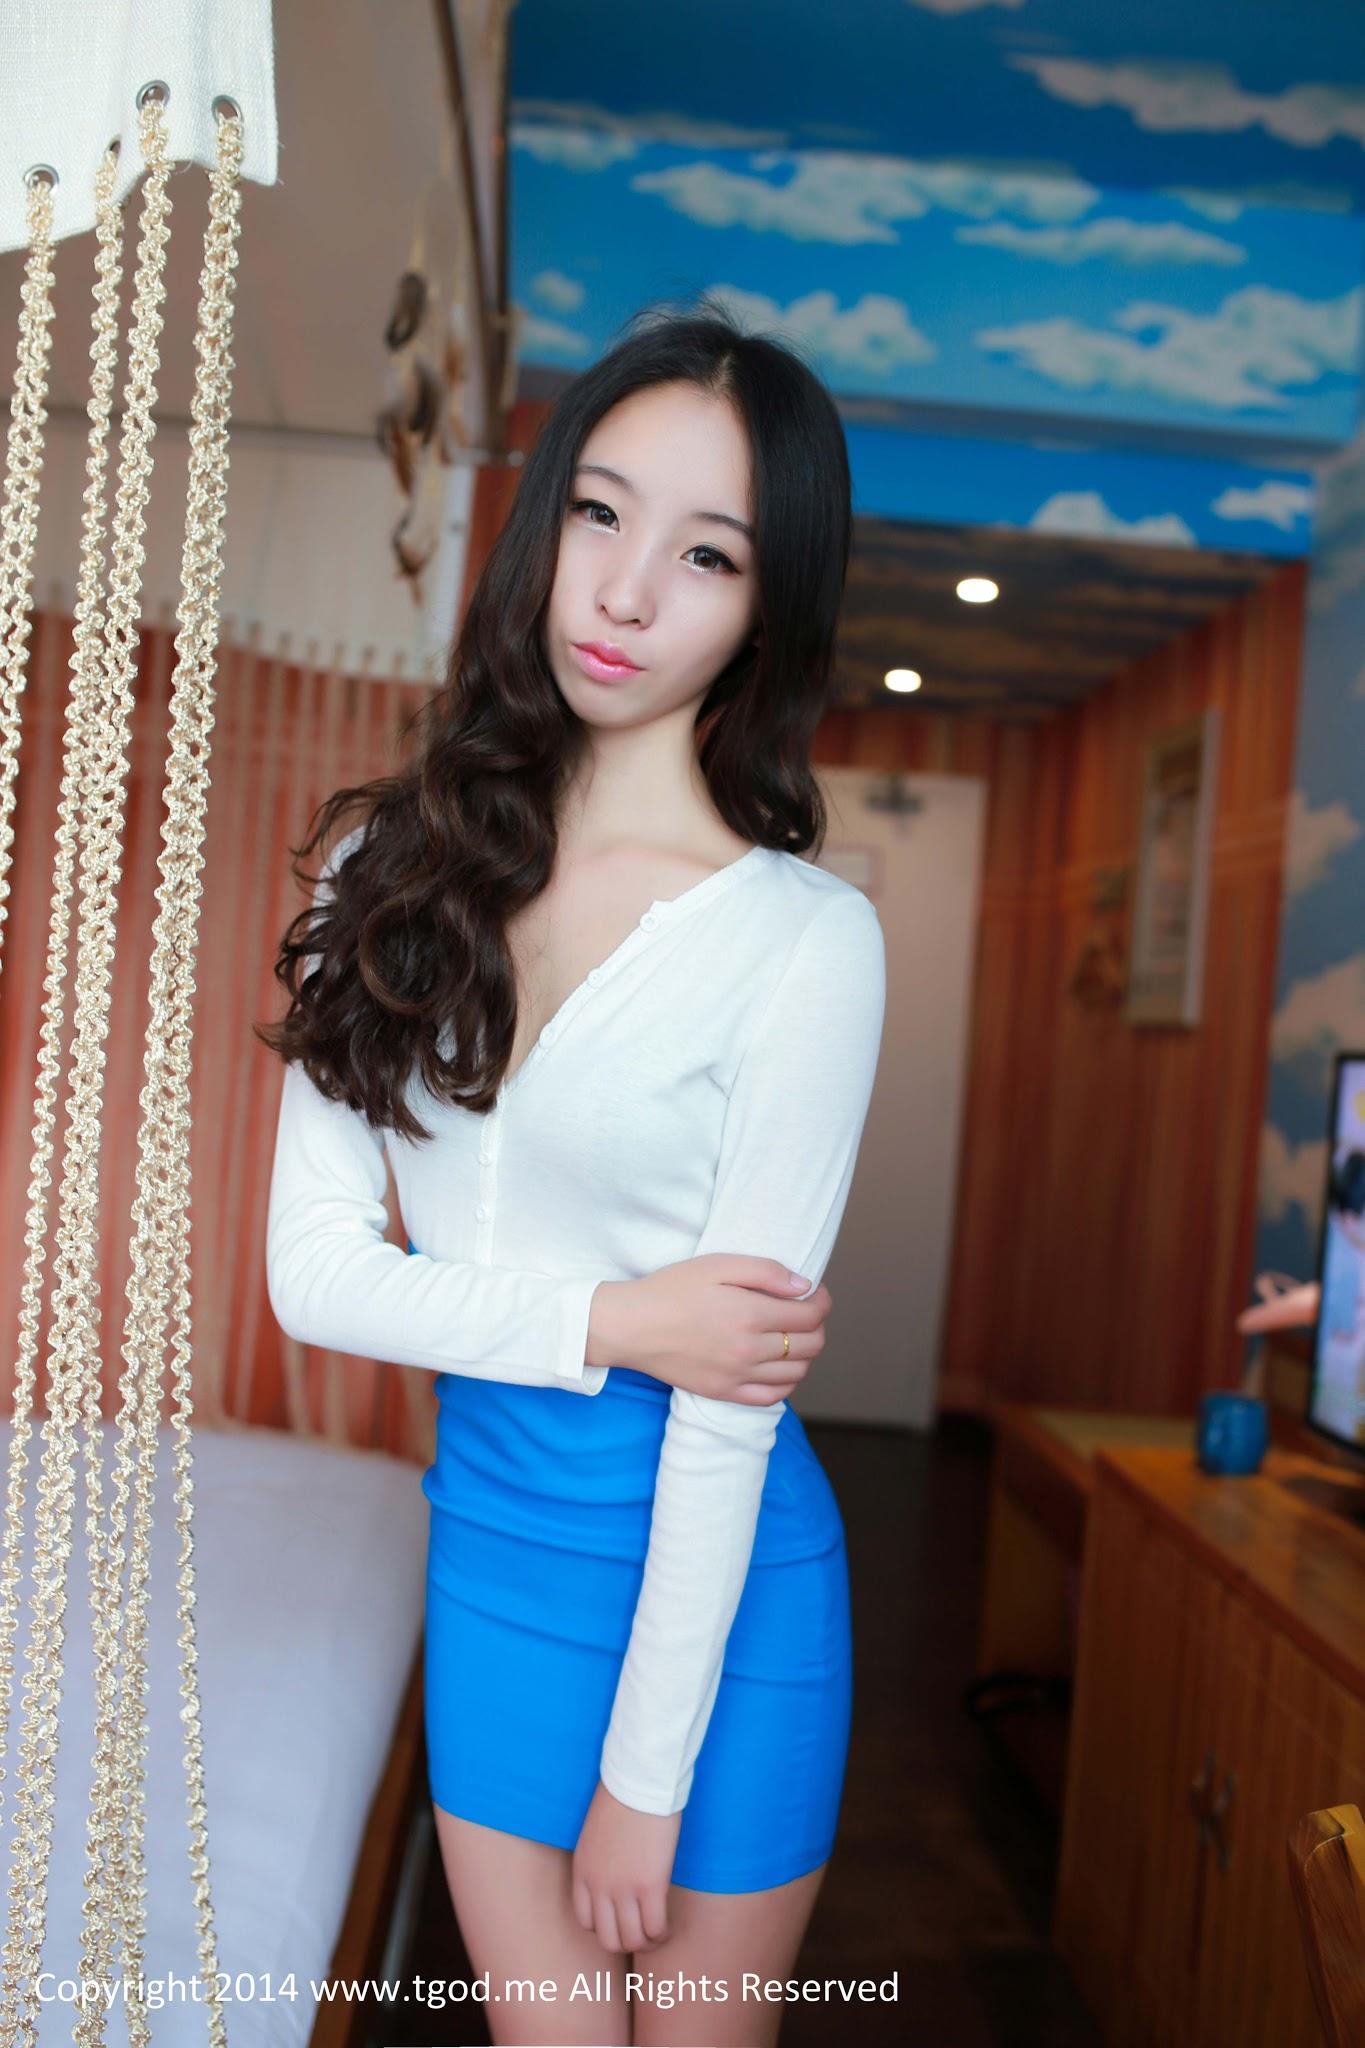 Zi Xuan 梓萱Crystal | Nude Chinese Loli-Like Model |TGOD_推女神 ...